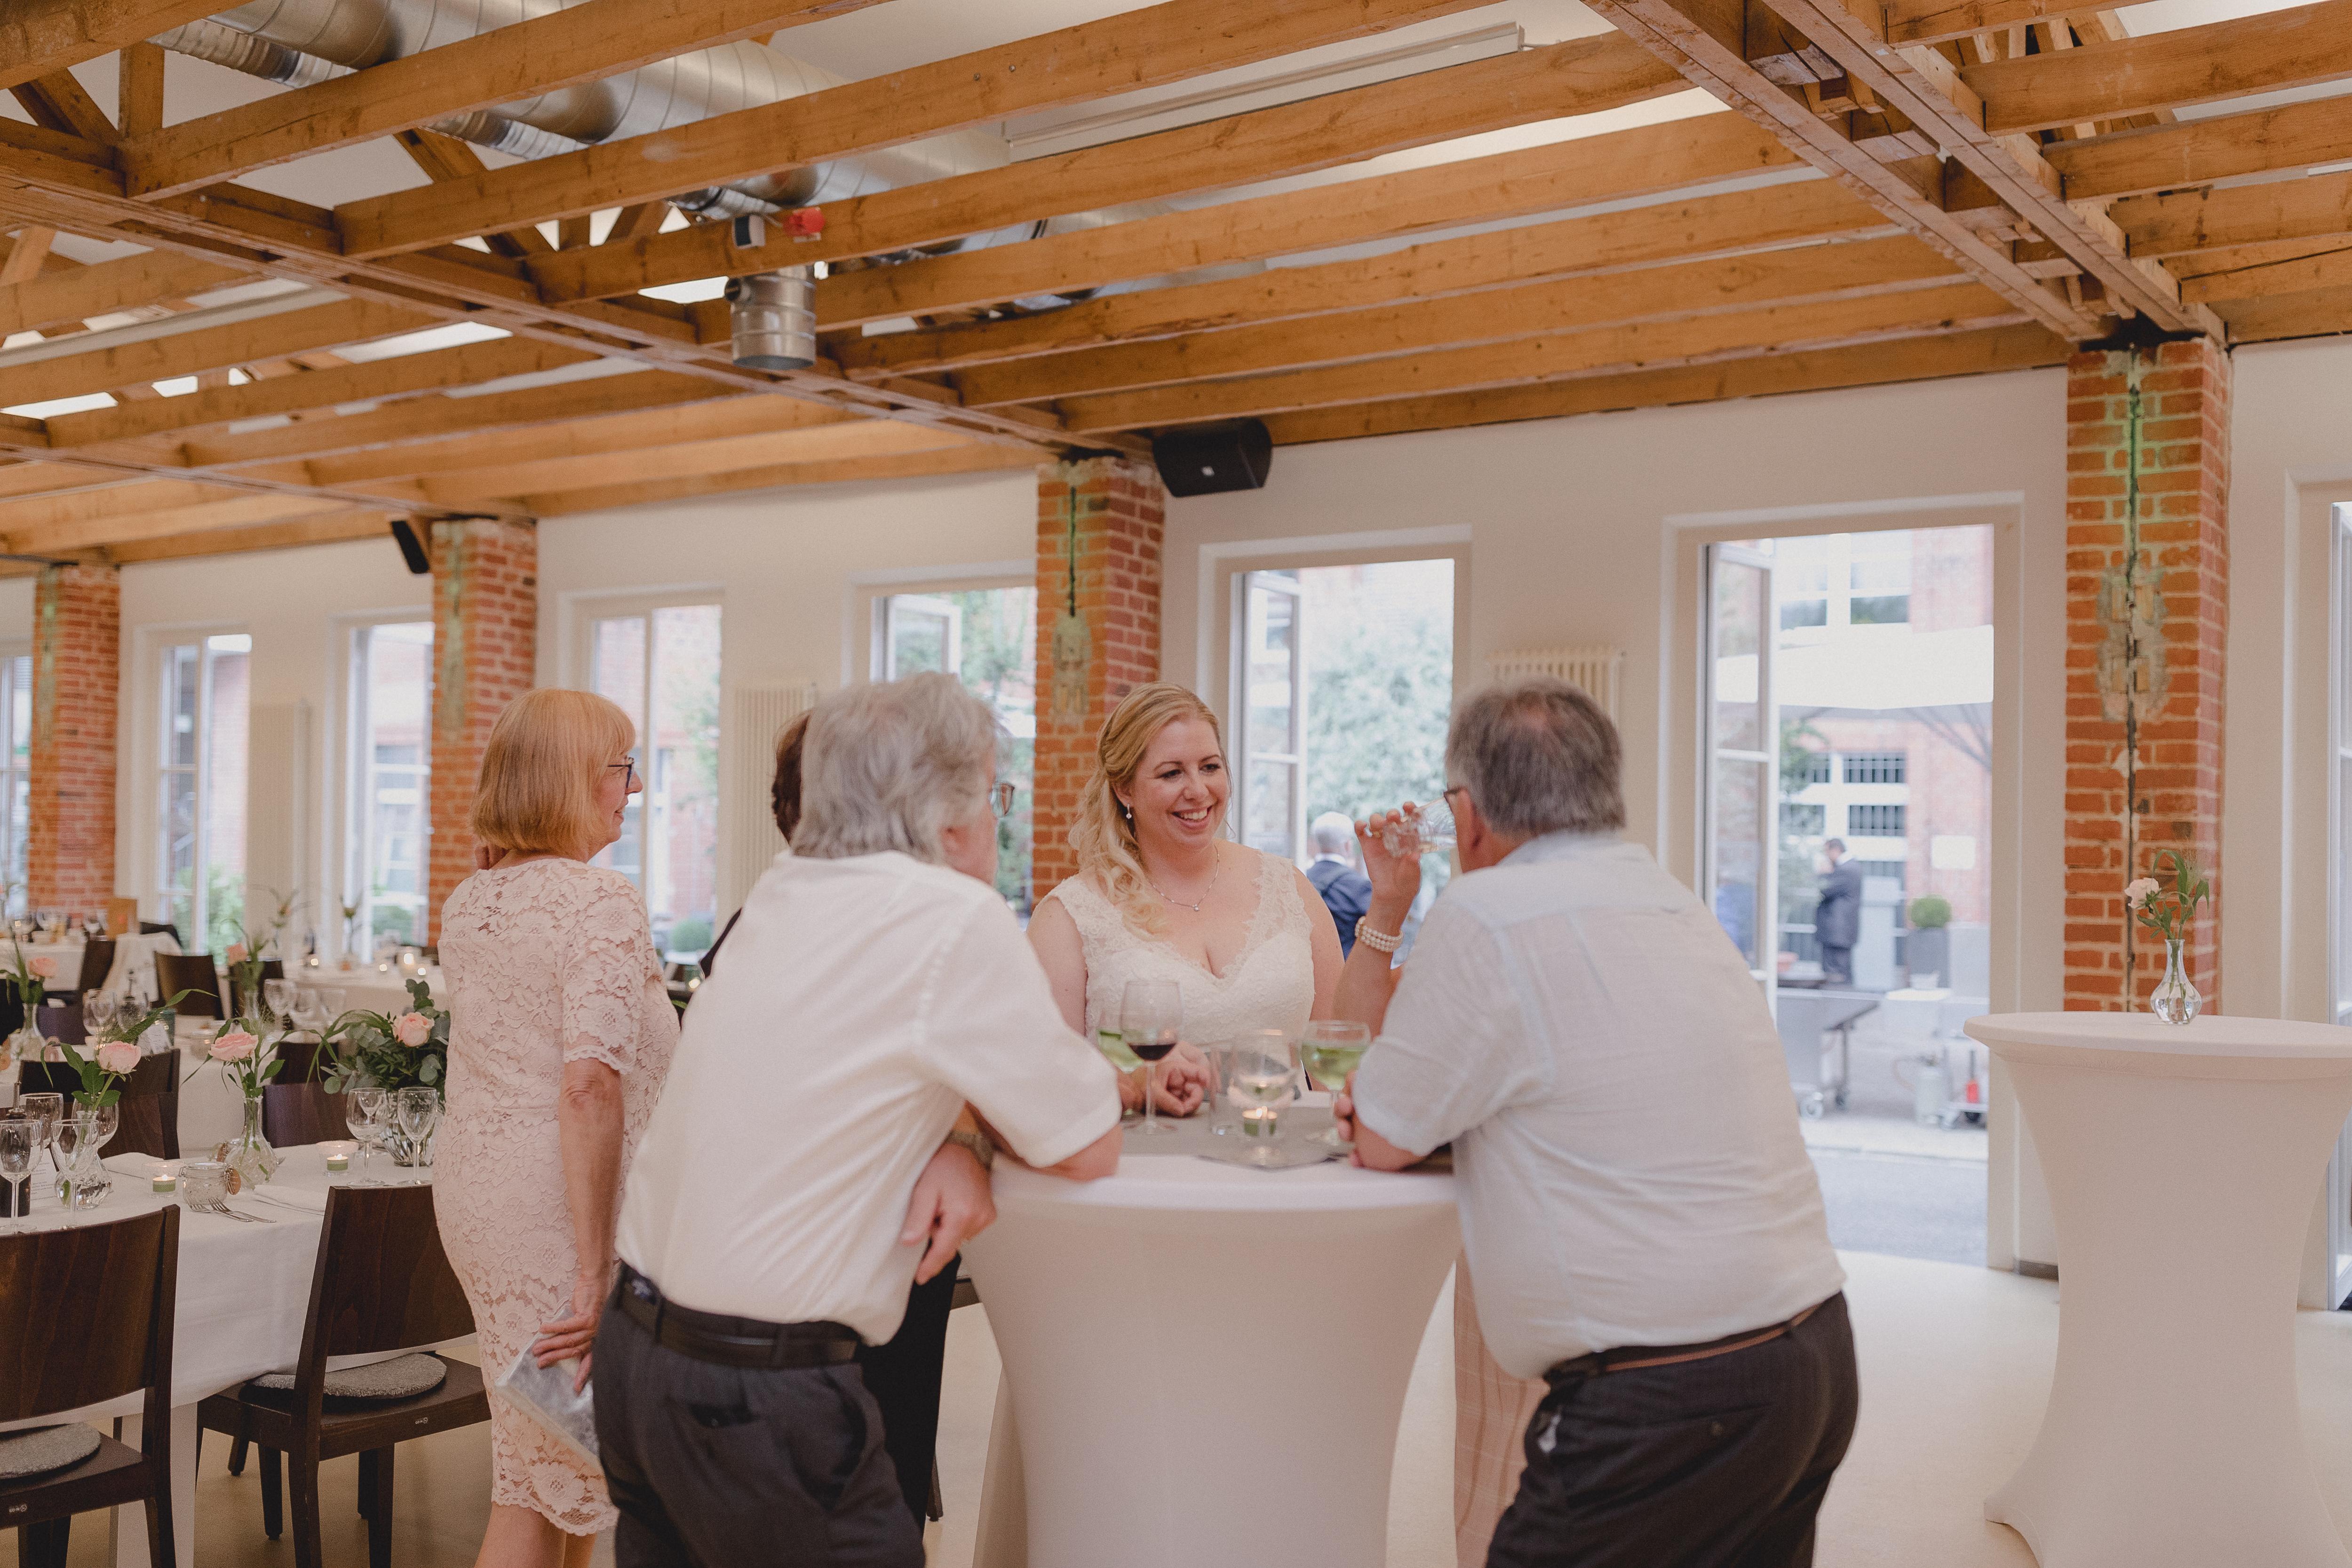 URBANERIE_Daniela_Goth_Vintage_Hochzeitsfotografin_Nuernberg_Fuerth_Erlangen_180609_0773